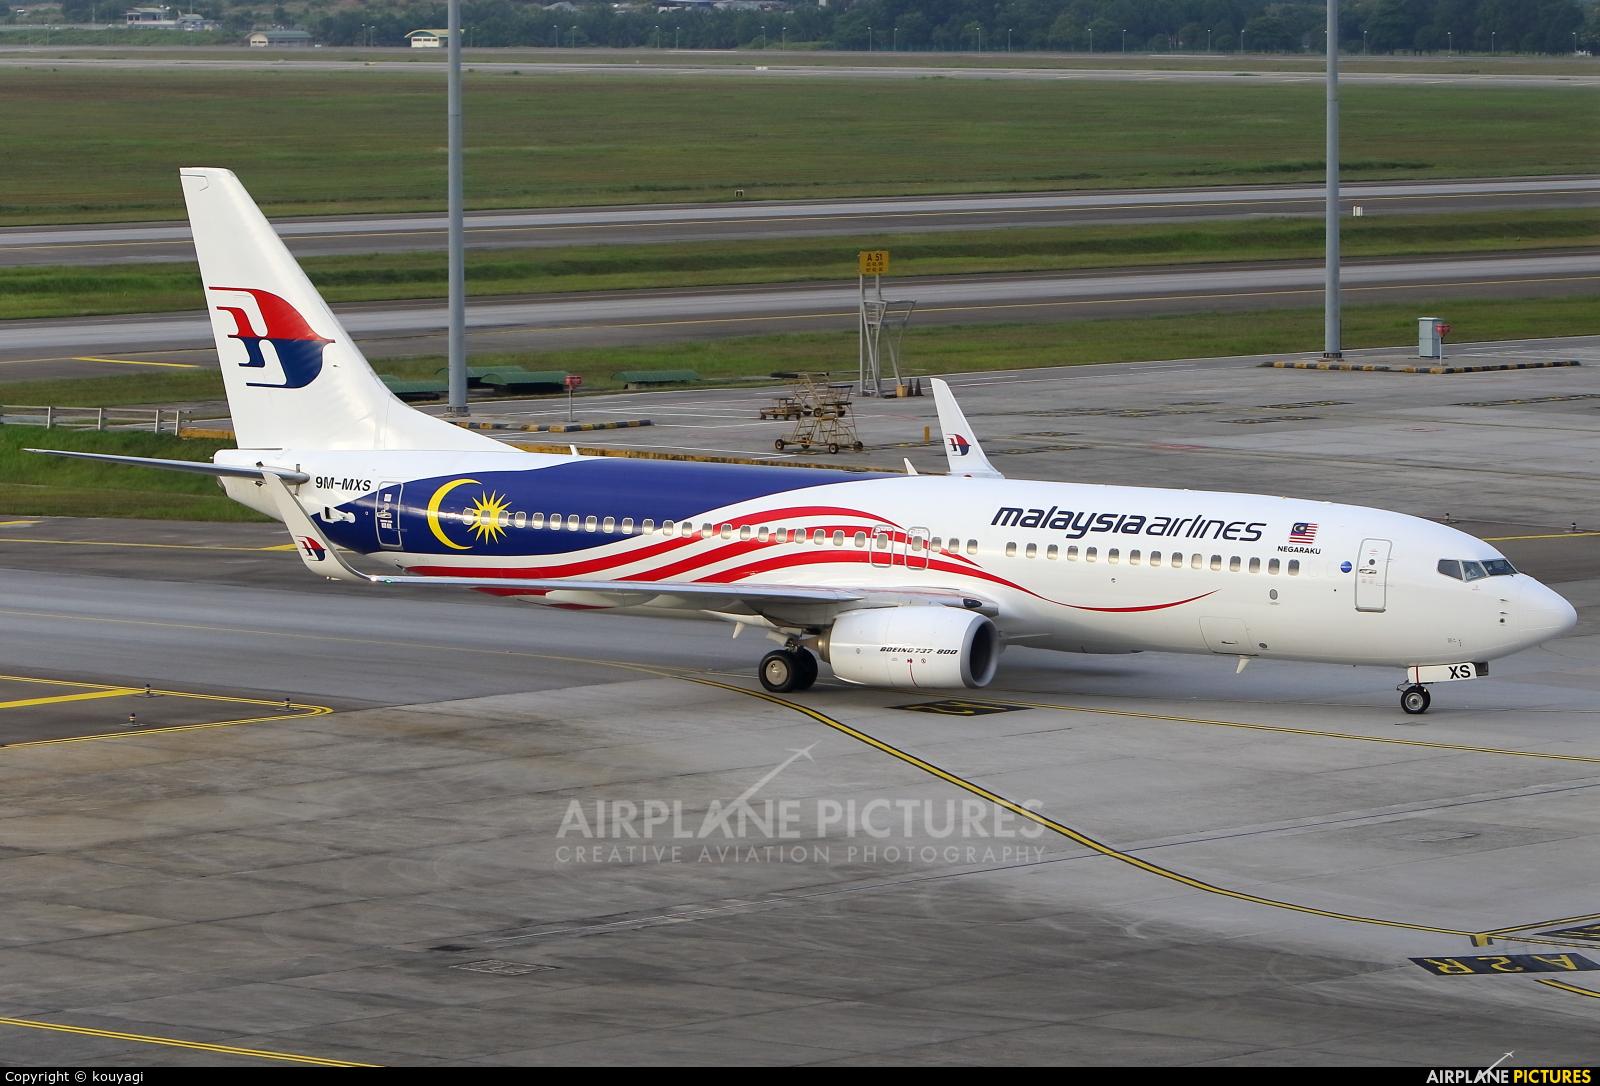 Malaysia Airlines 9M-MXS aircraft at Kuala Lumpur Intl